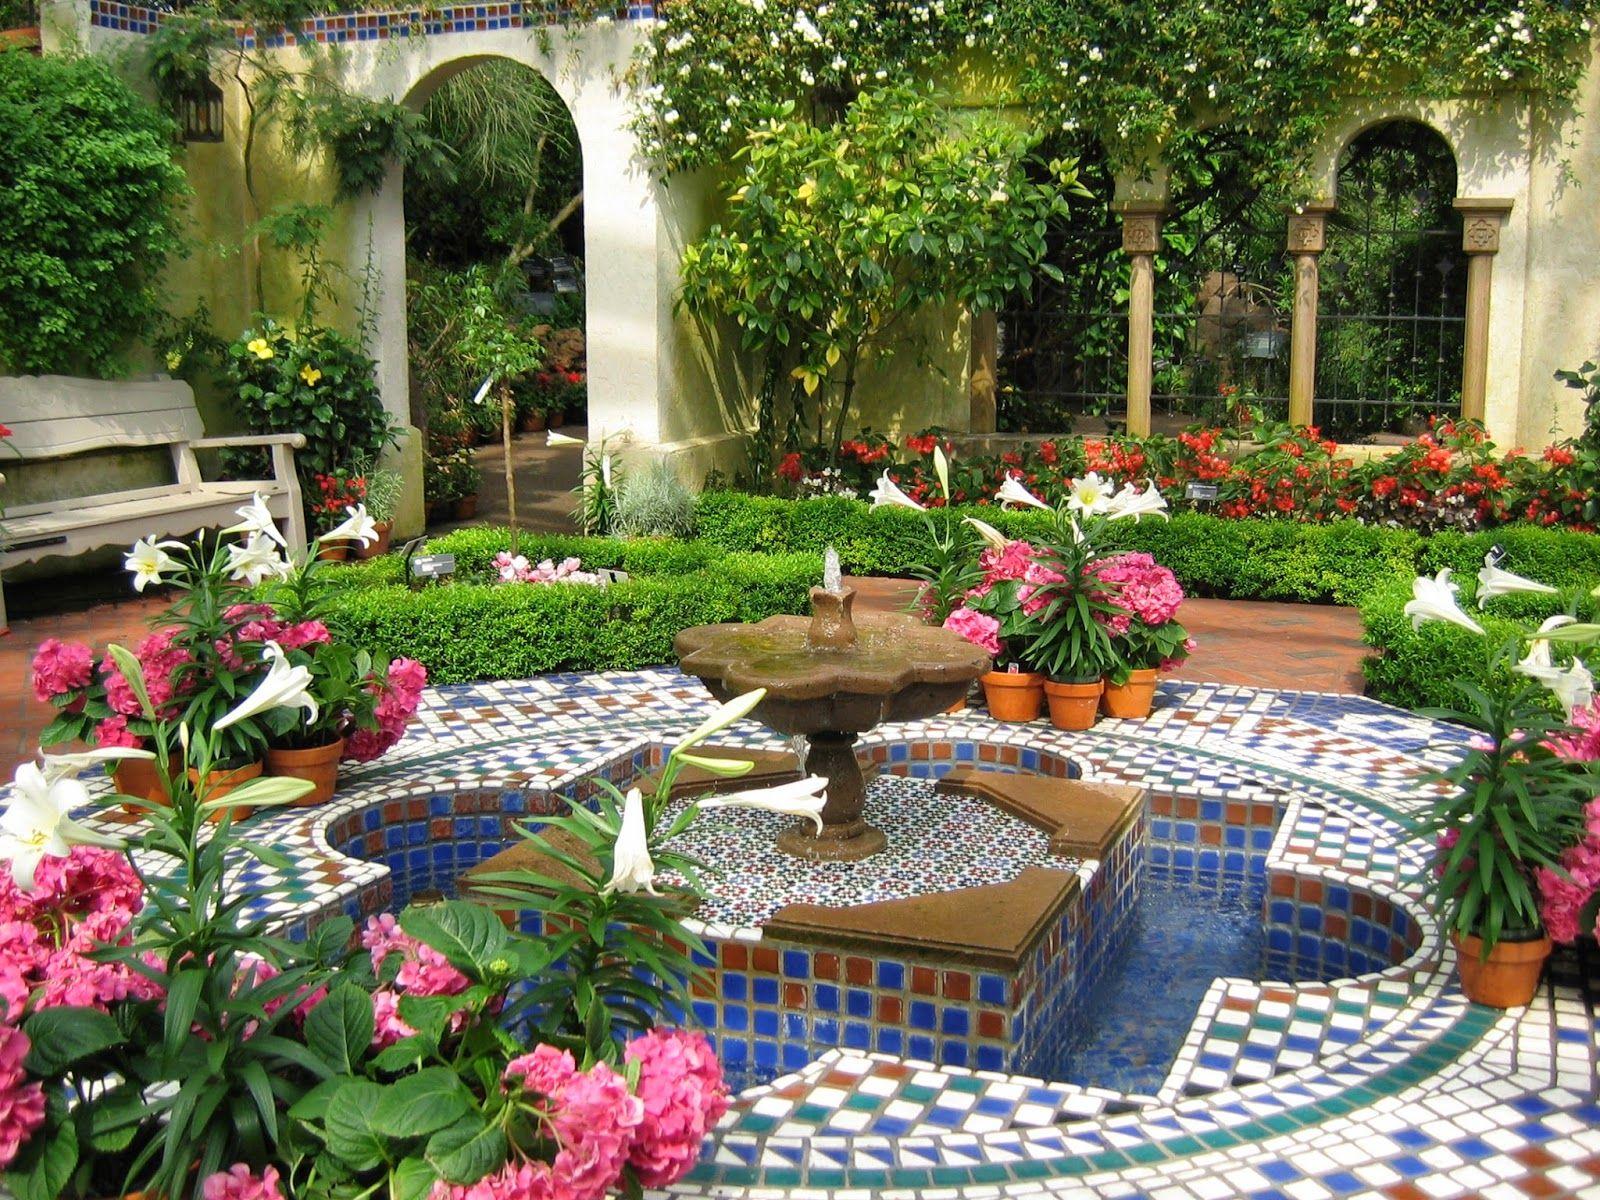 Arte y jardiner a dise o de jardines dise o de jardines - Diseno de jardines interiores ...